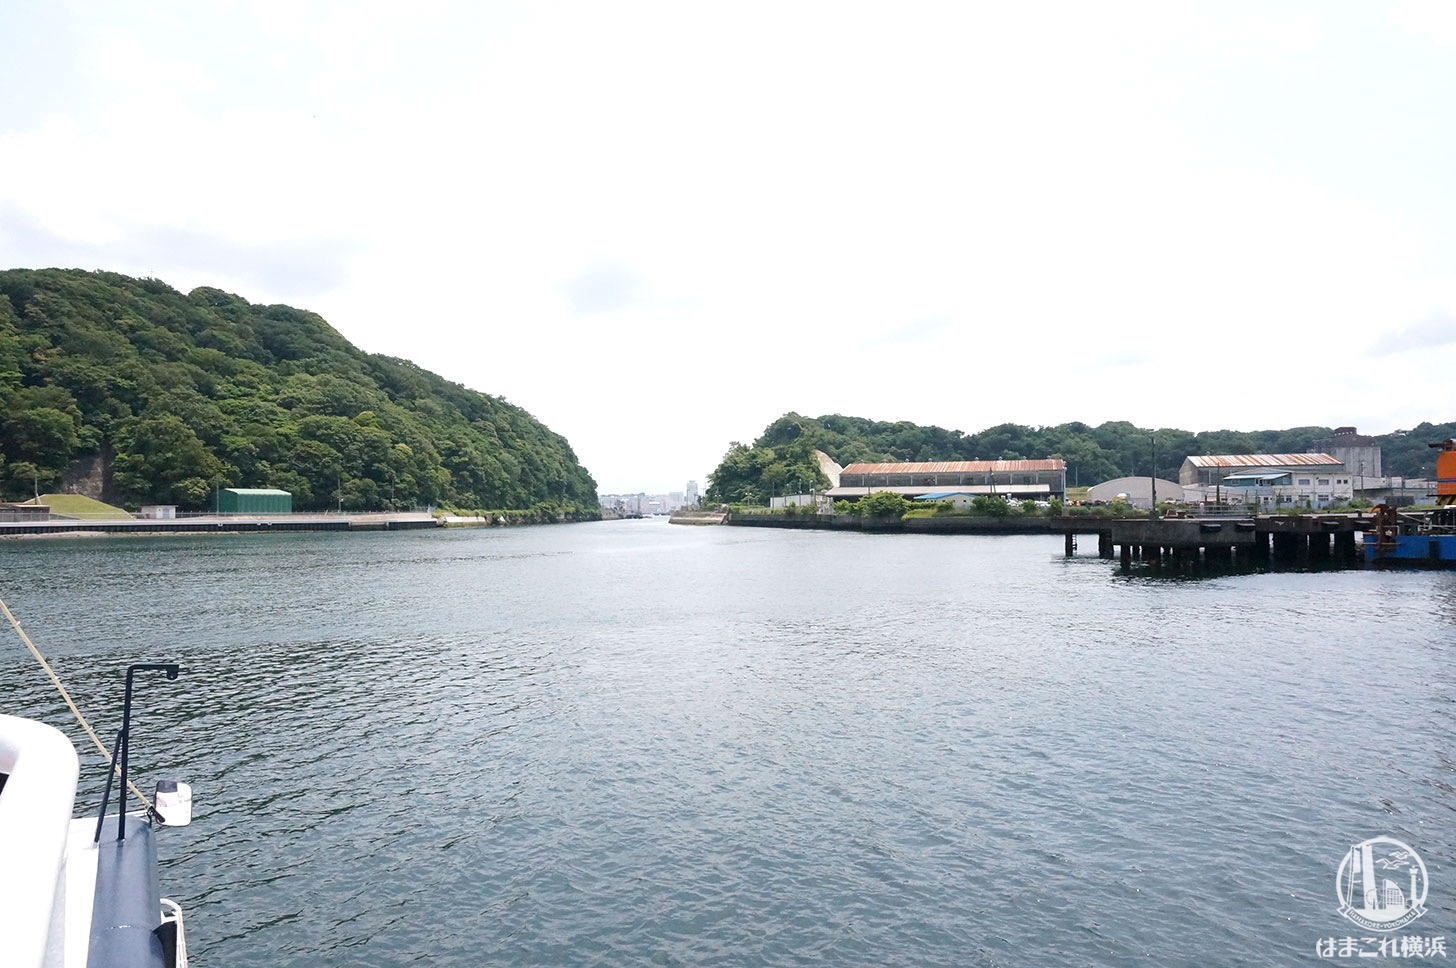 横須賀「軍港めぐり」水路